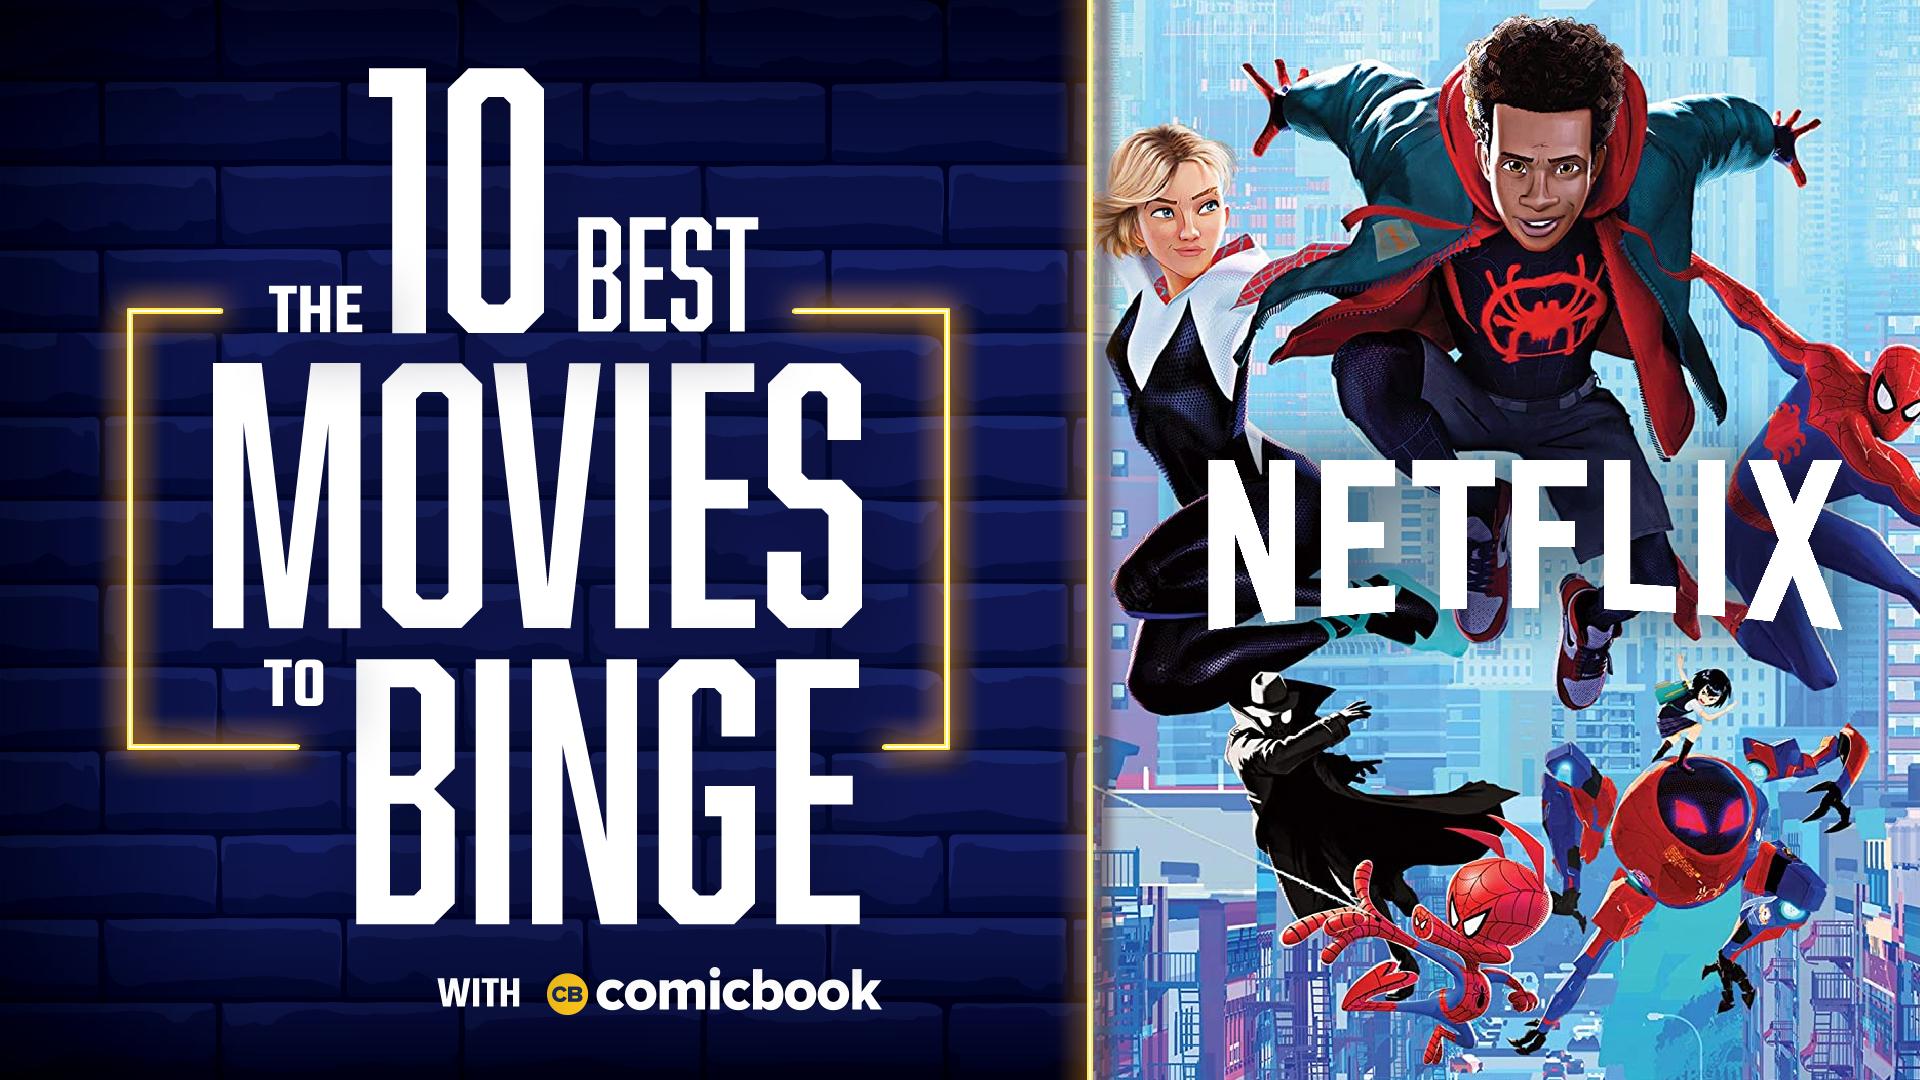 10 Best Movies to Binge on Netflix